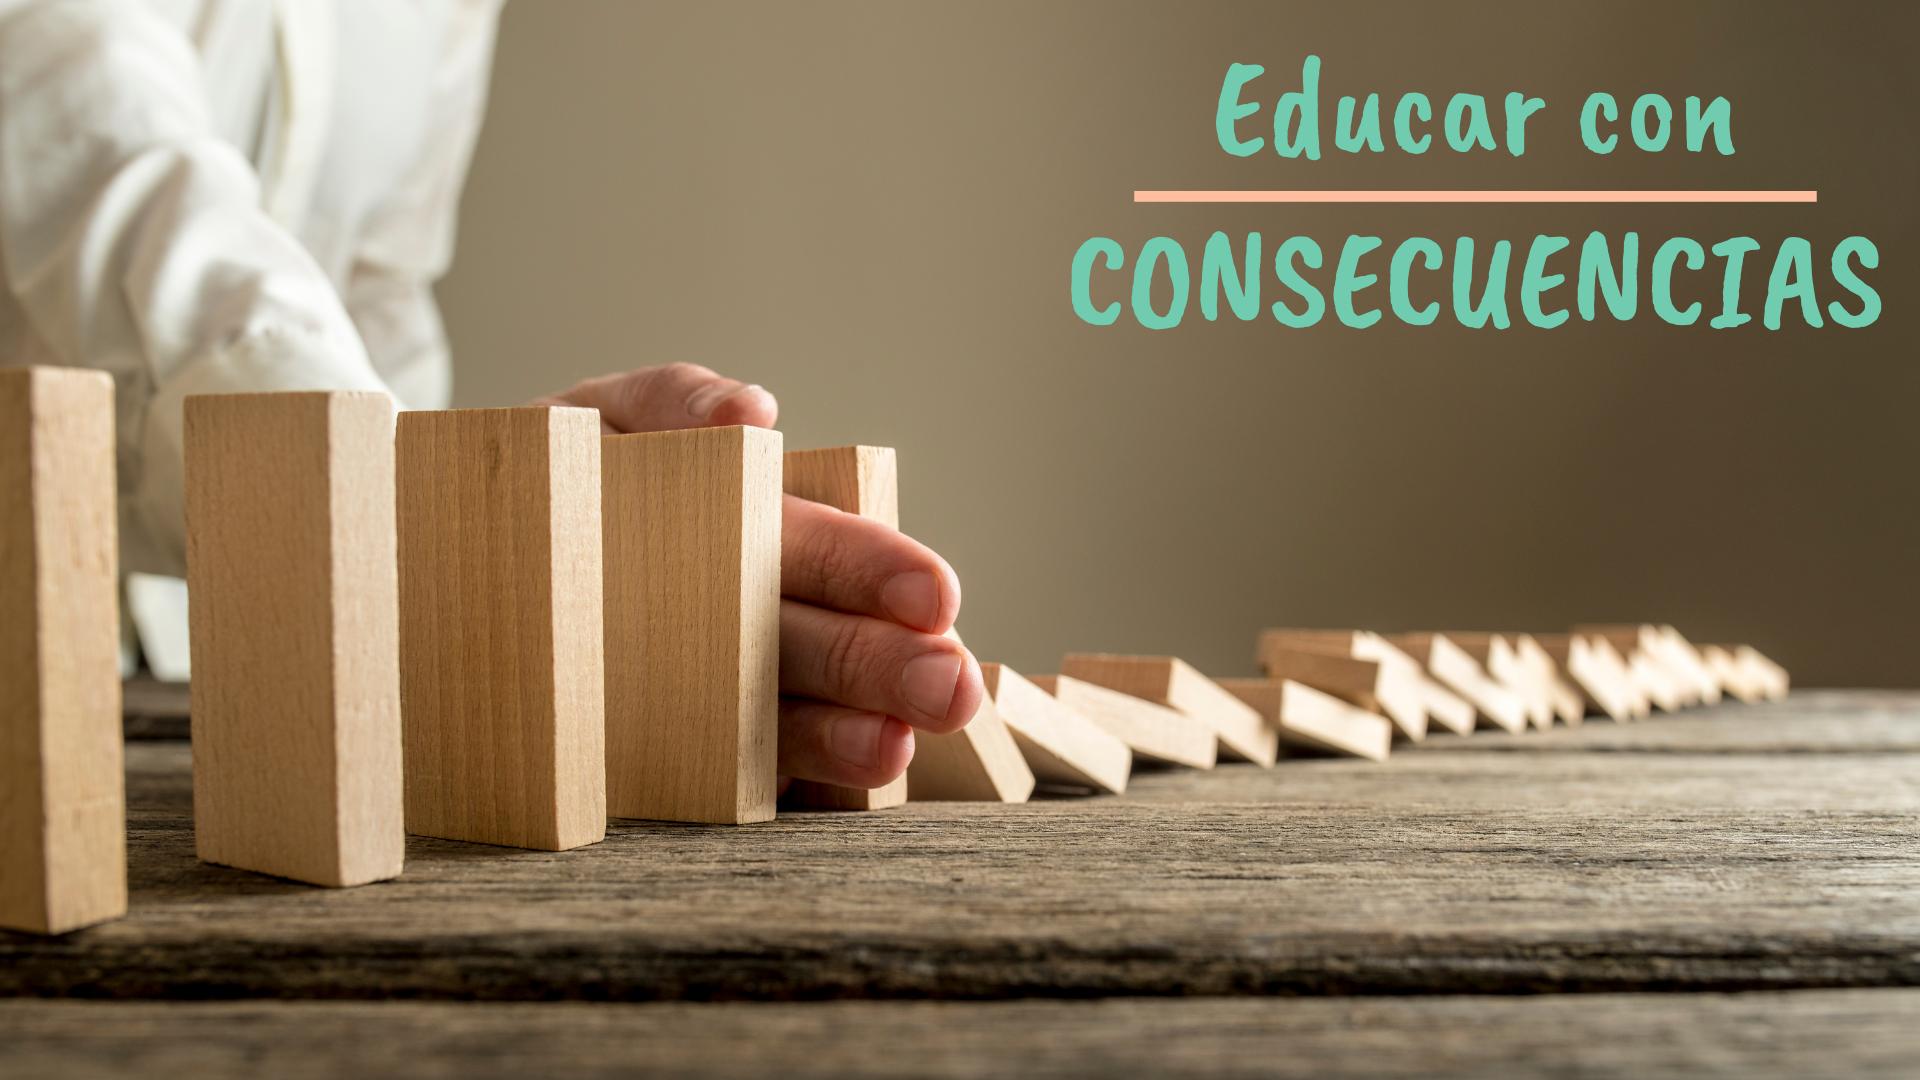 Educar con consecuencias